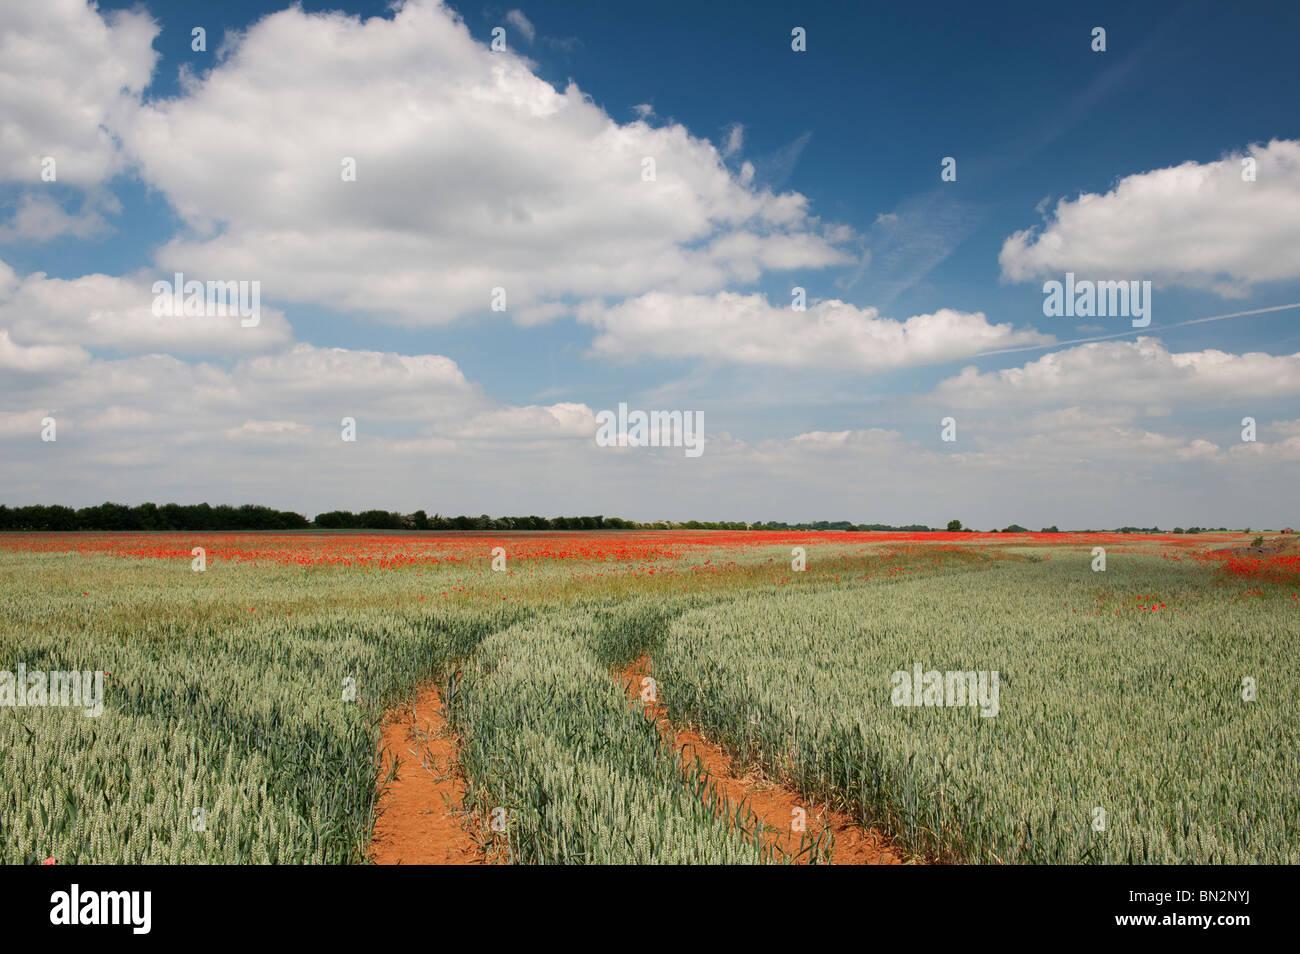 Les voies du tracteur par l'intermédiaire d'un champ de blé et de coquelicots dans la campagne Photo Stock